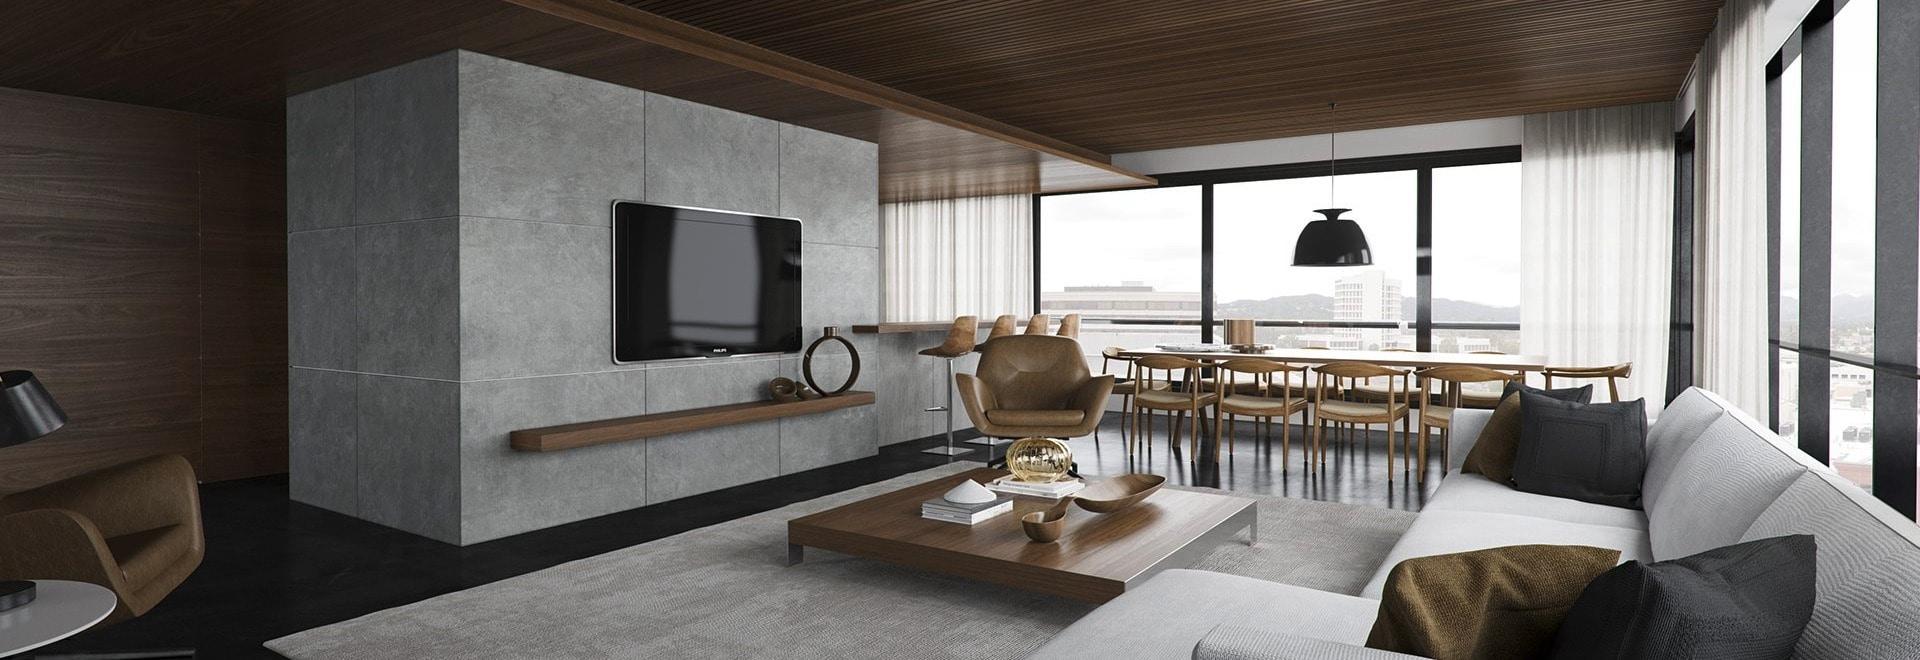 Fantastisch 20 Kreative Wohnzimmer Für Art Inspiration